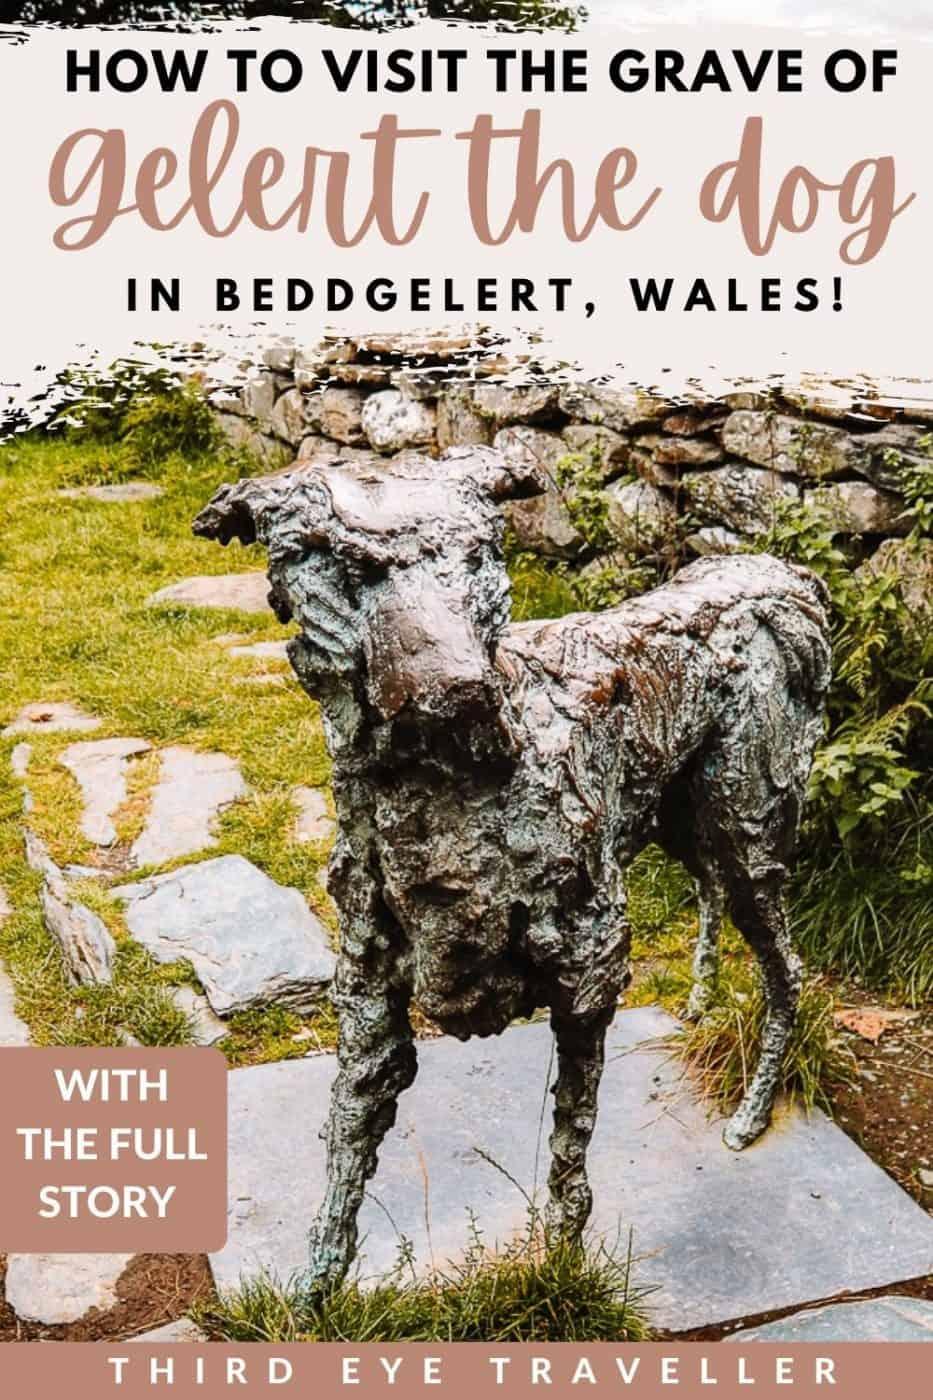 The legend of Gelert the Dog & Gelert's Grave in Wales